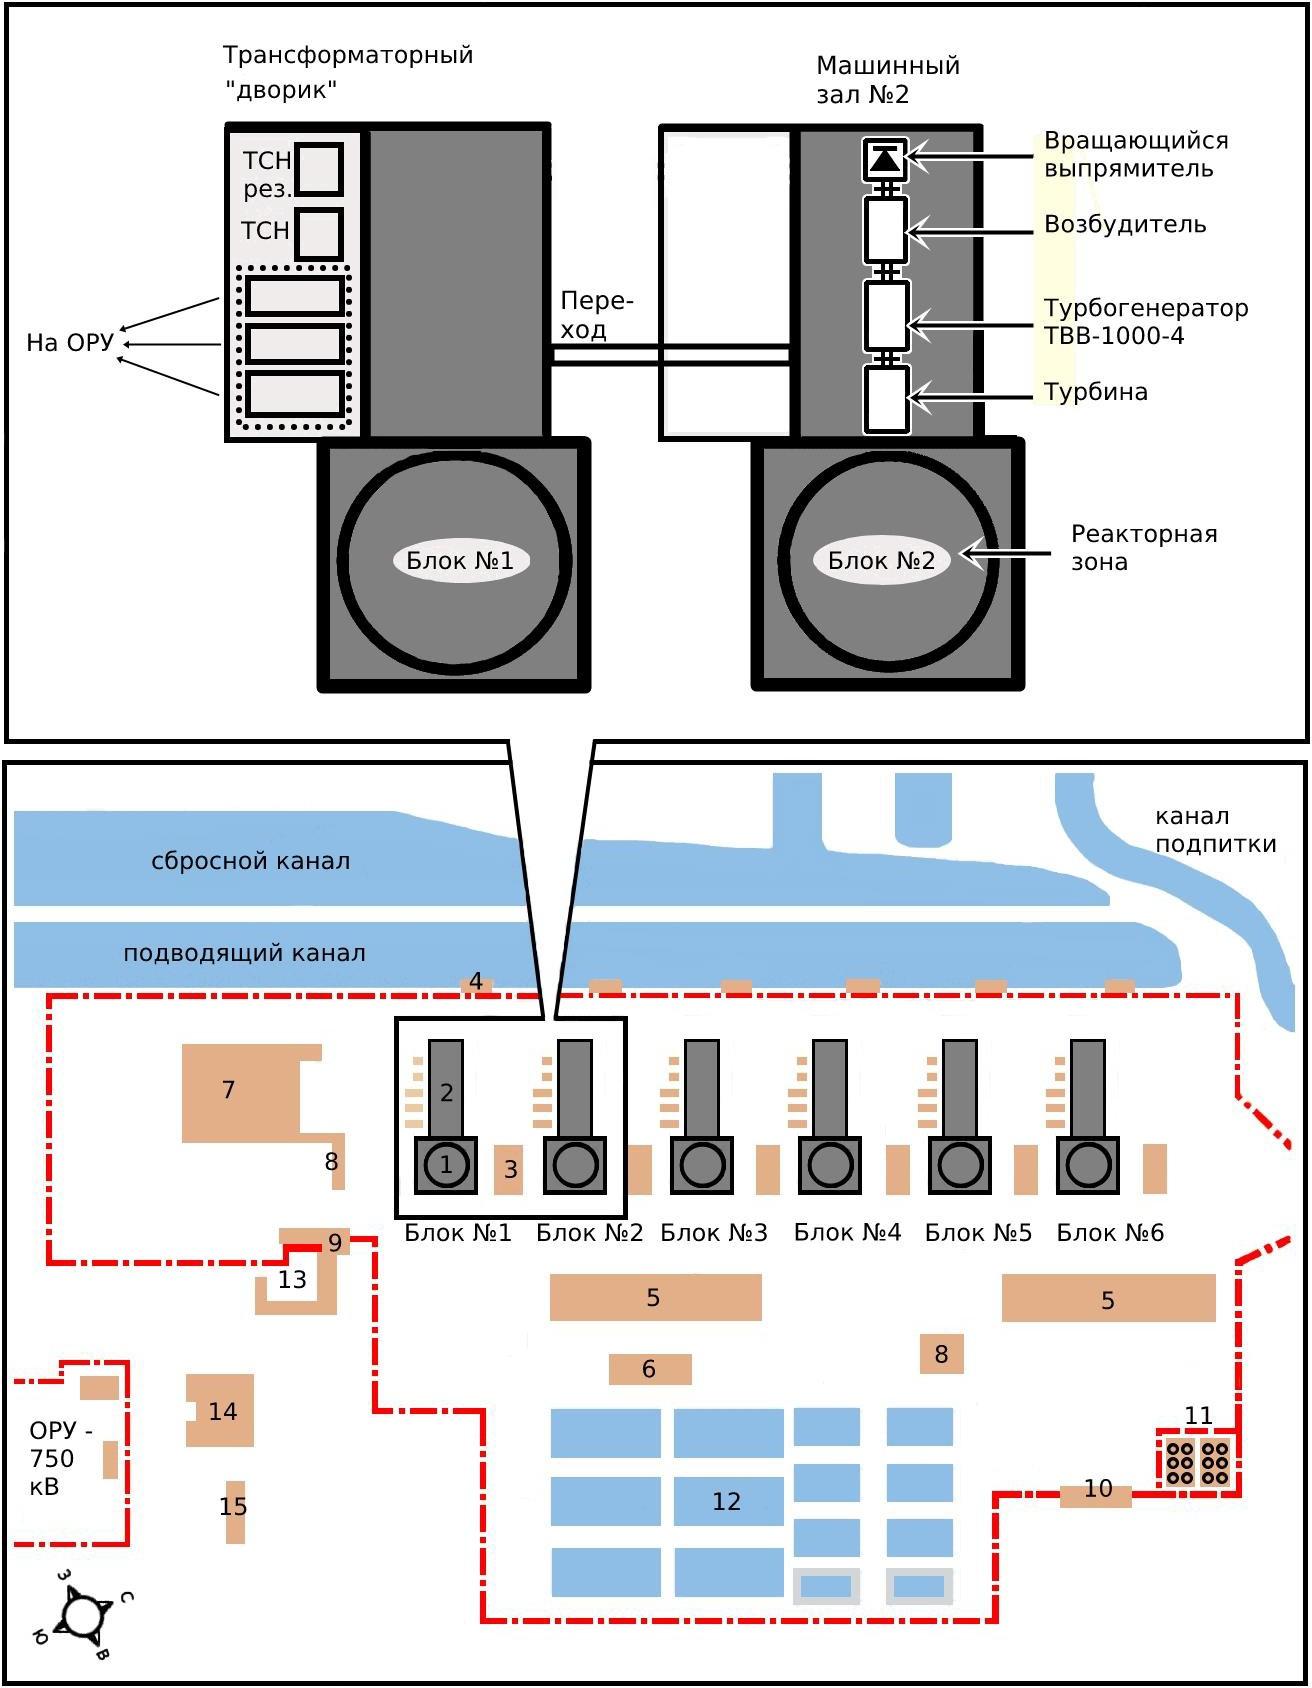 План размещения зданий и оборудования ЗАЭС